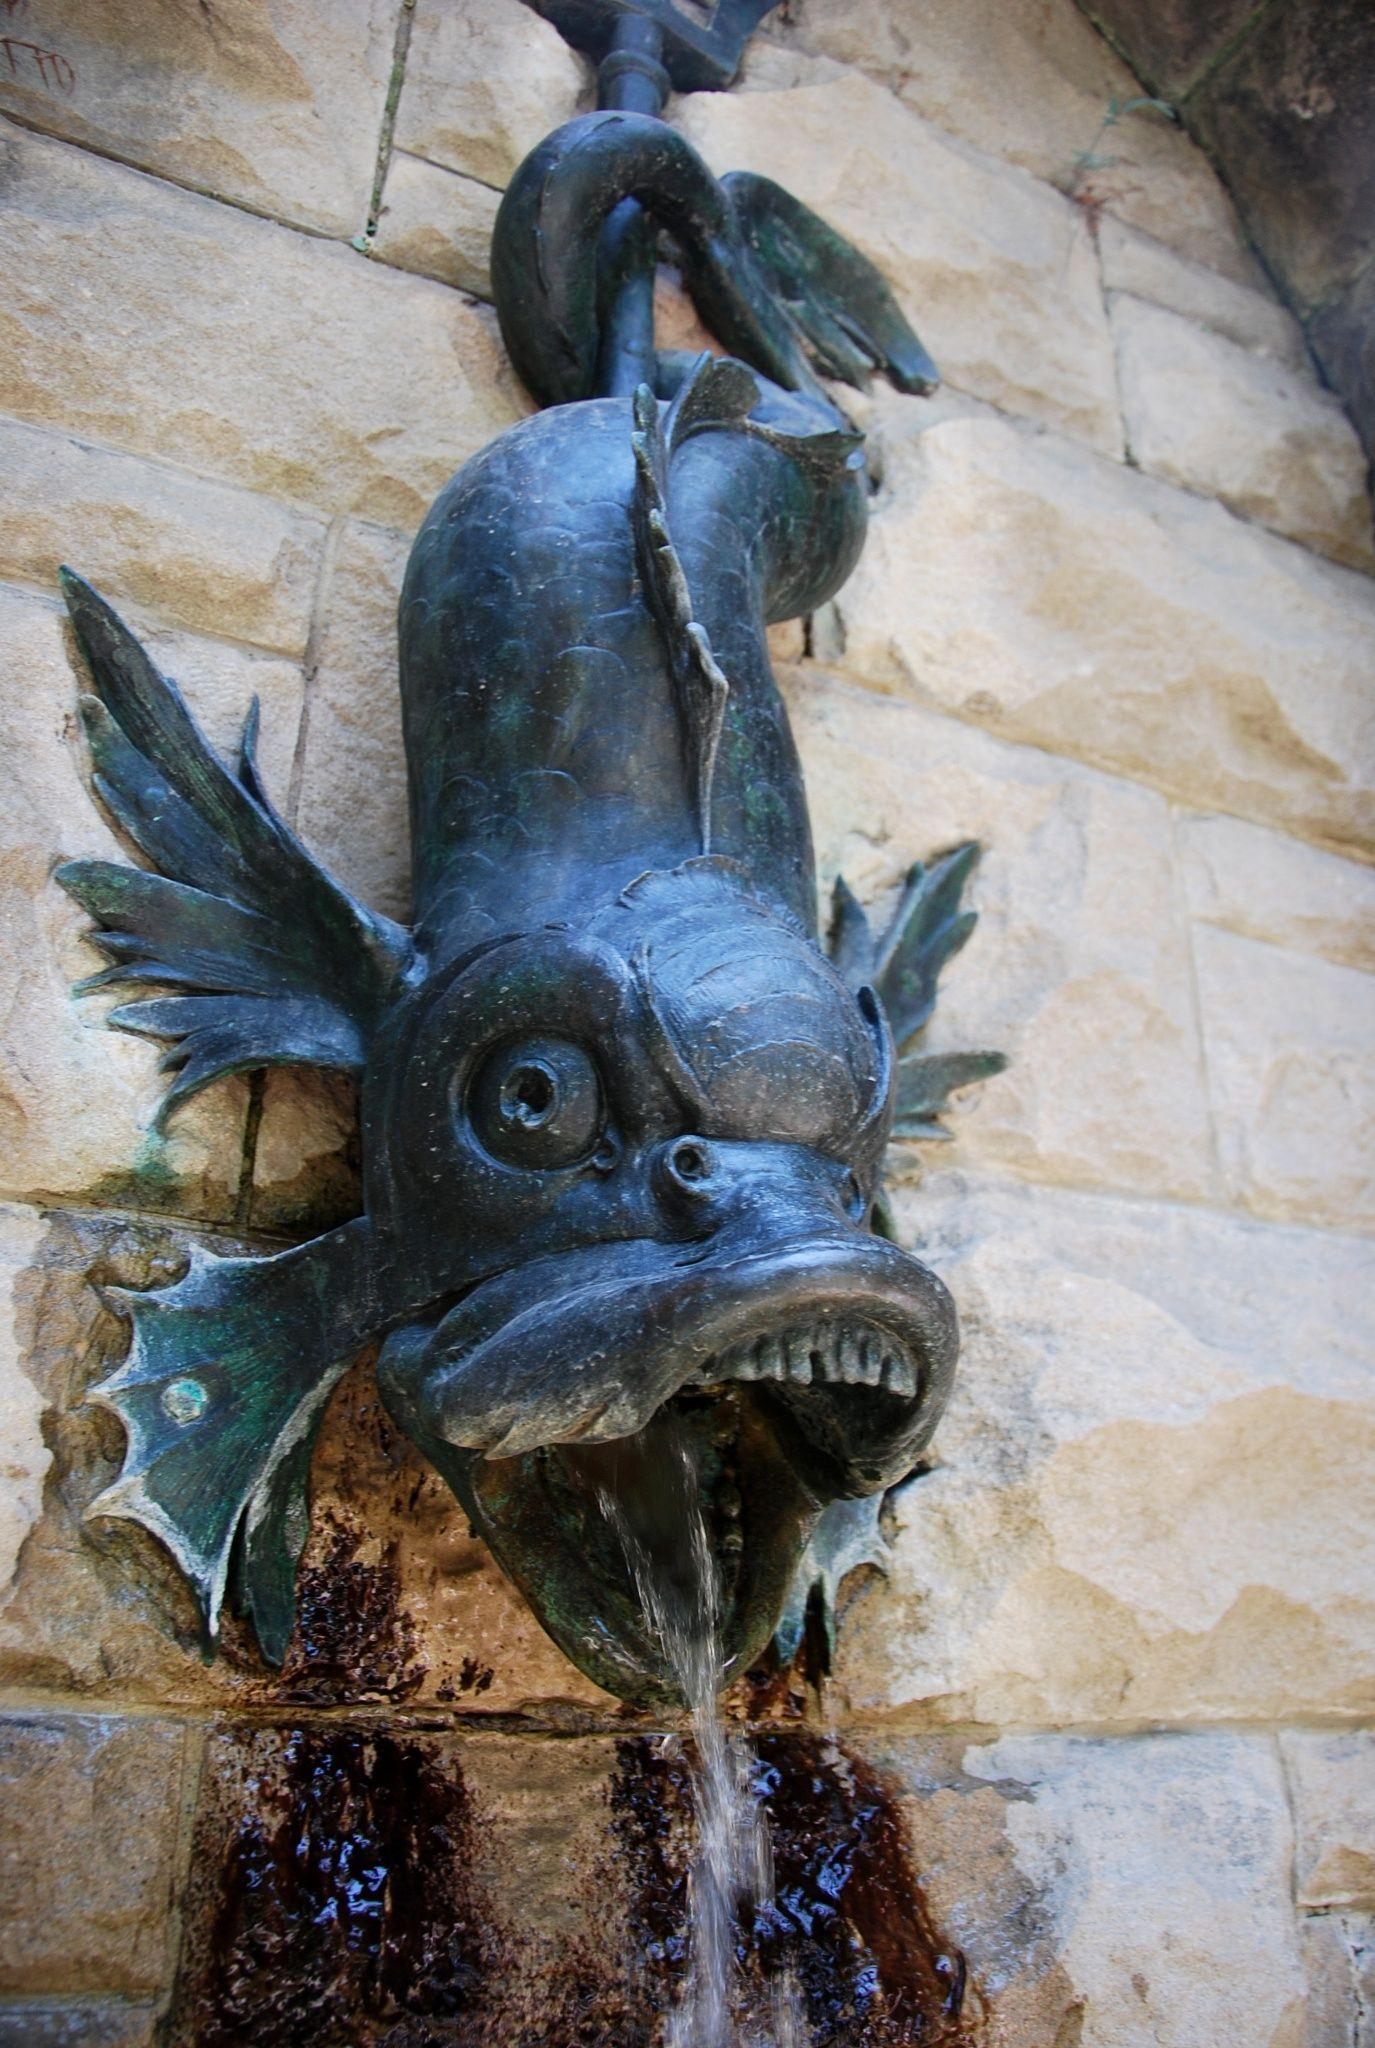 Gargoyle Fish By Steve Retka An Eerie Looking Fish